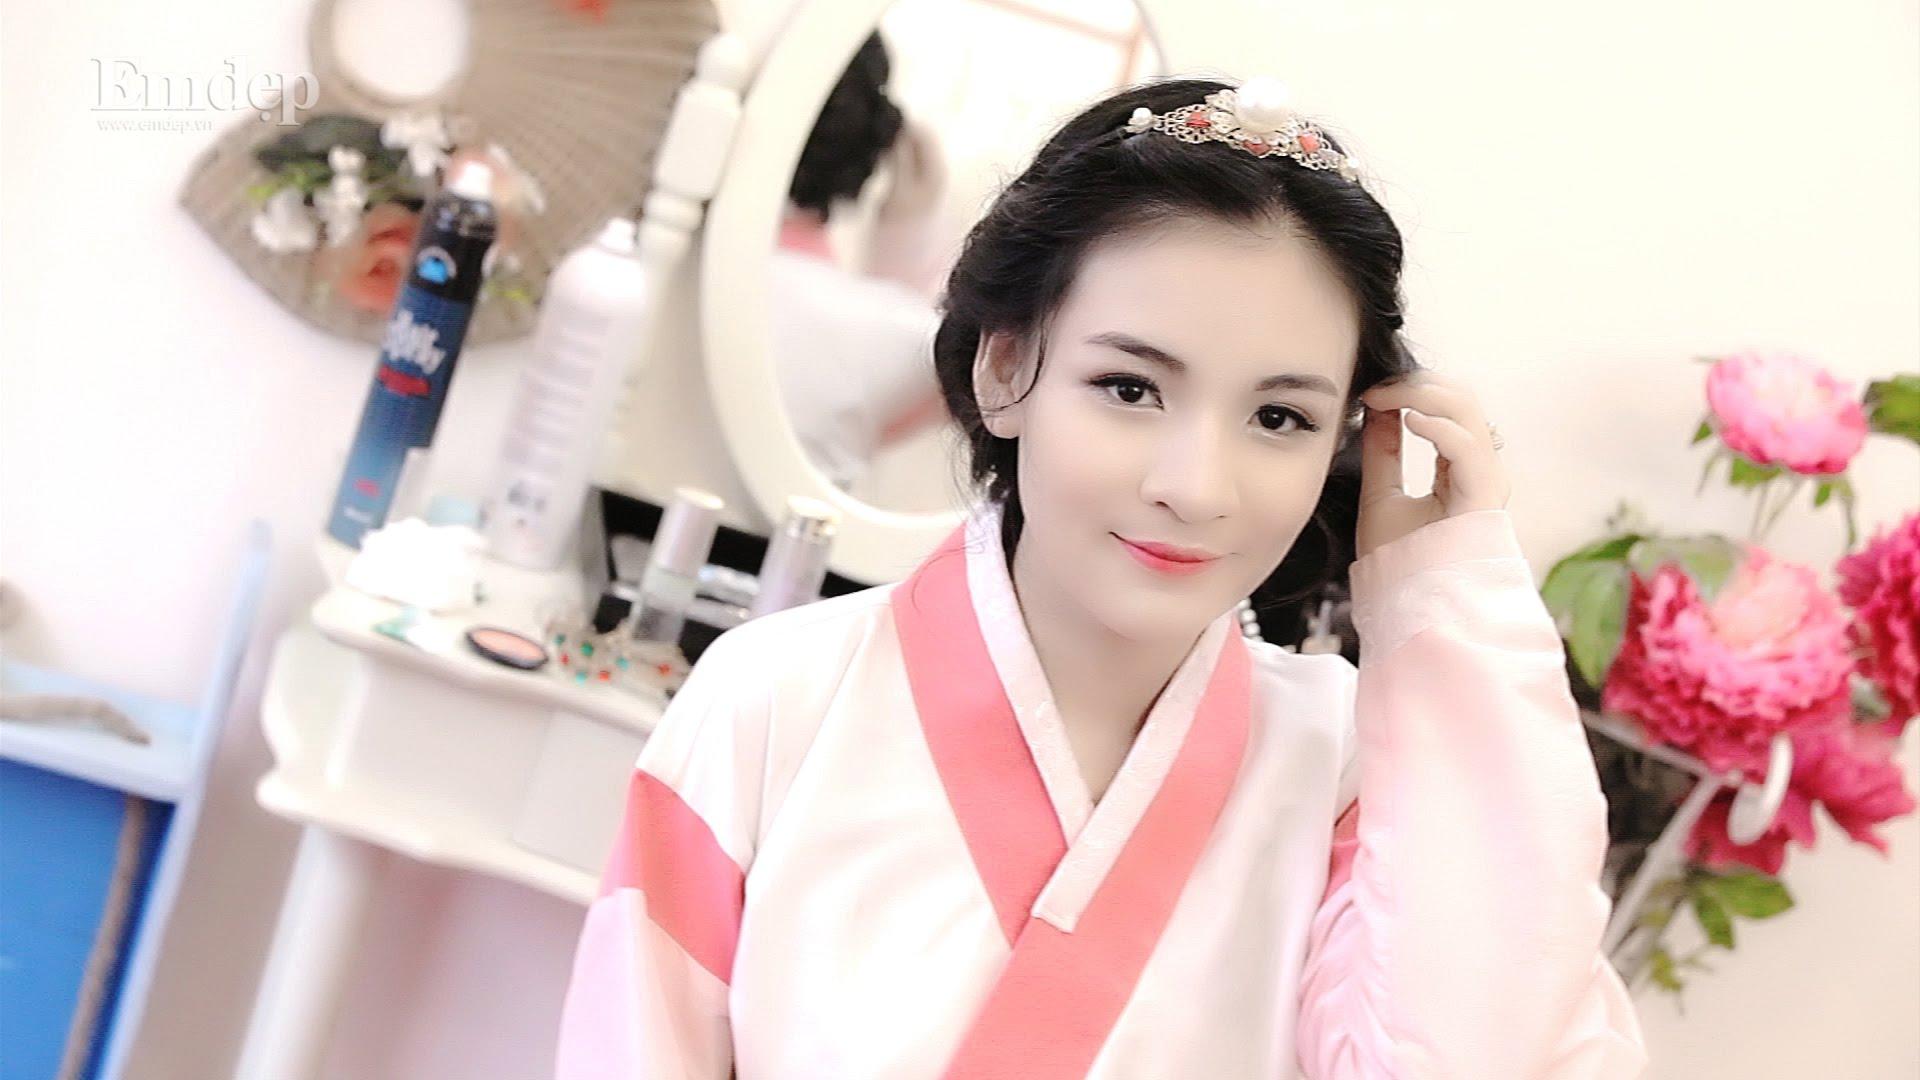 Thiên đường sắc đẹp và mỹ phẩm Hàn Quốc